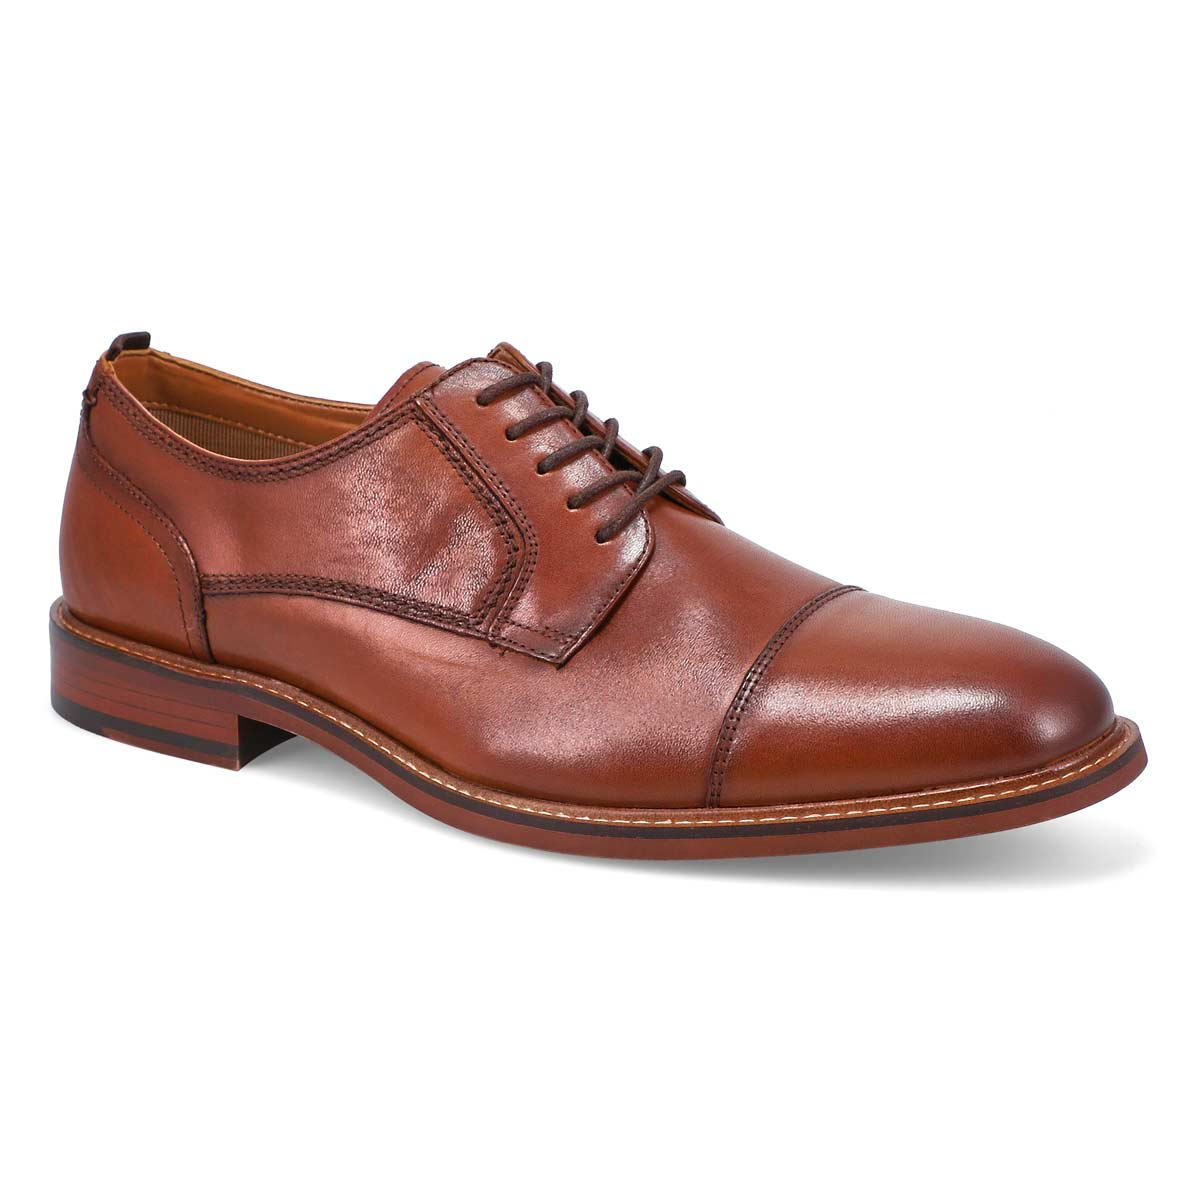 Men's Chadrick Dress Shoe - Tan